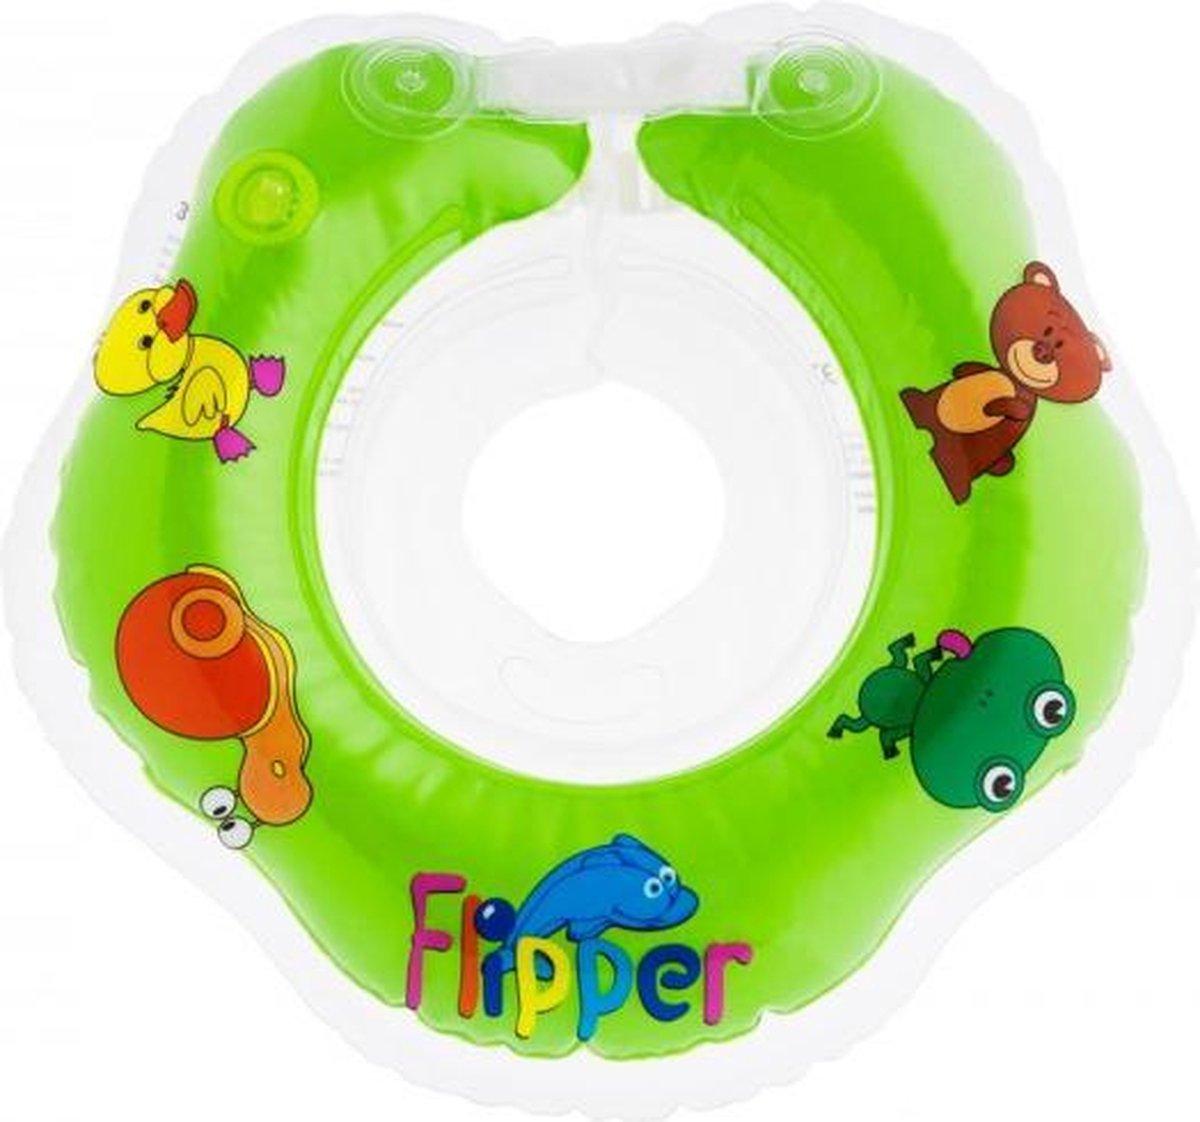 Roxy Kids - Zwemring Baby - Zwemkraag - Nekring opblaasbaar - Drijfring - Babyfloat - Babyswimmer - Flipper 0-24 maanden 3-12 kg